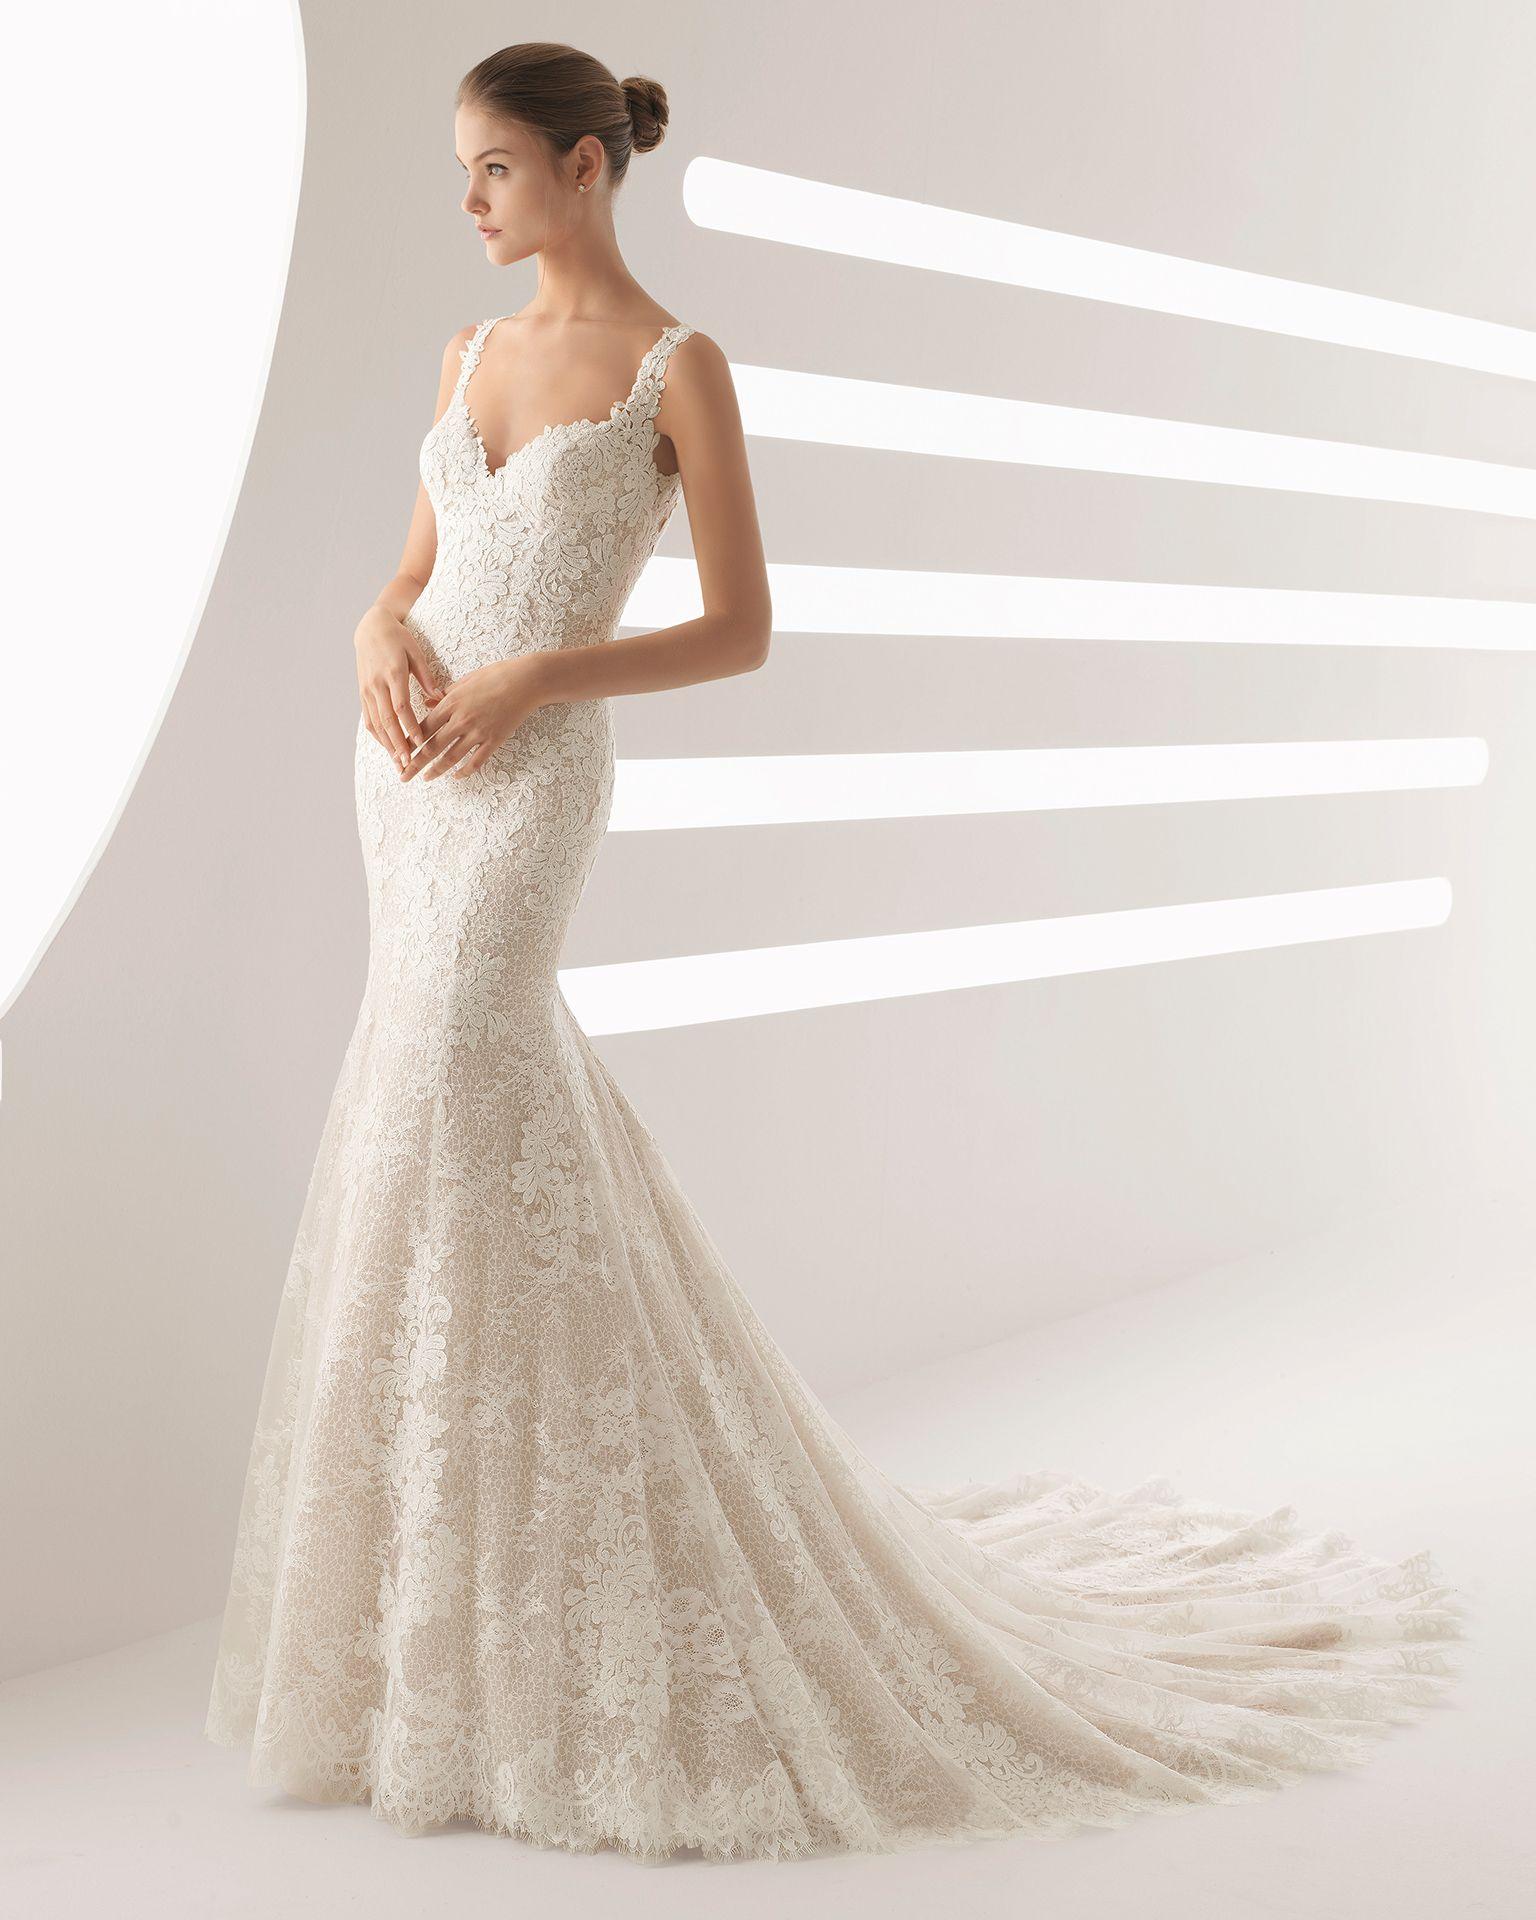 ADAMO - 2018 Bridal Collection. Rosa Clará Collection | Lace wedding ...